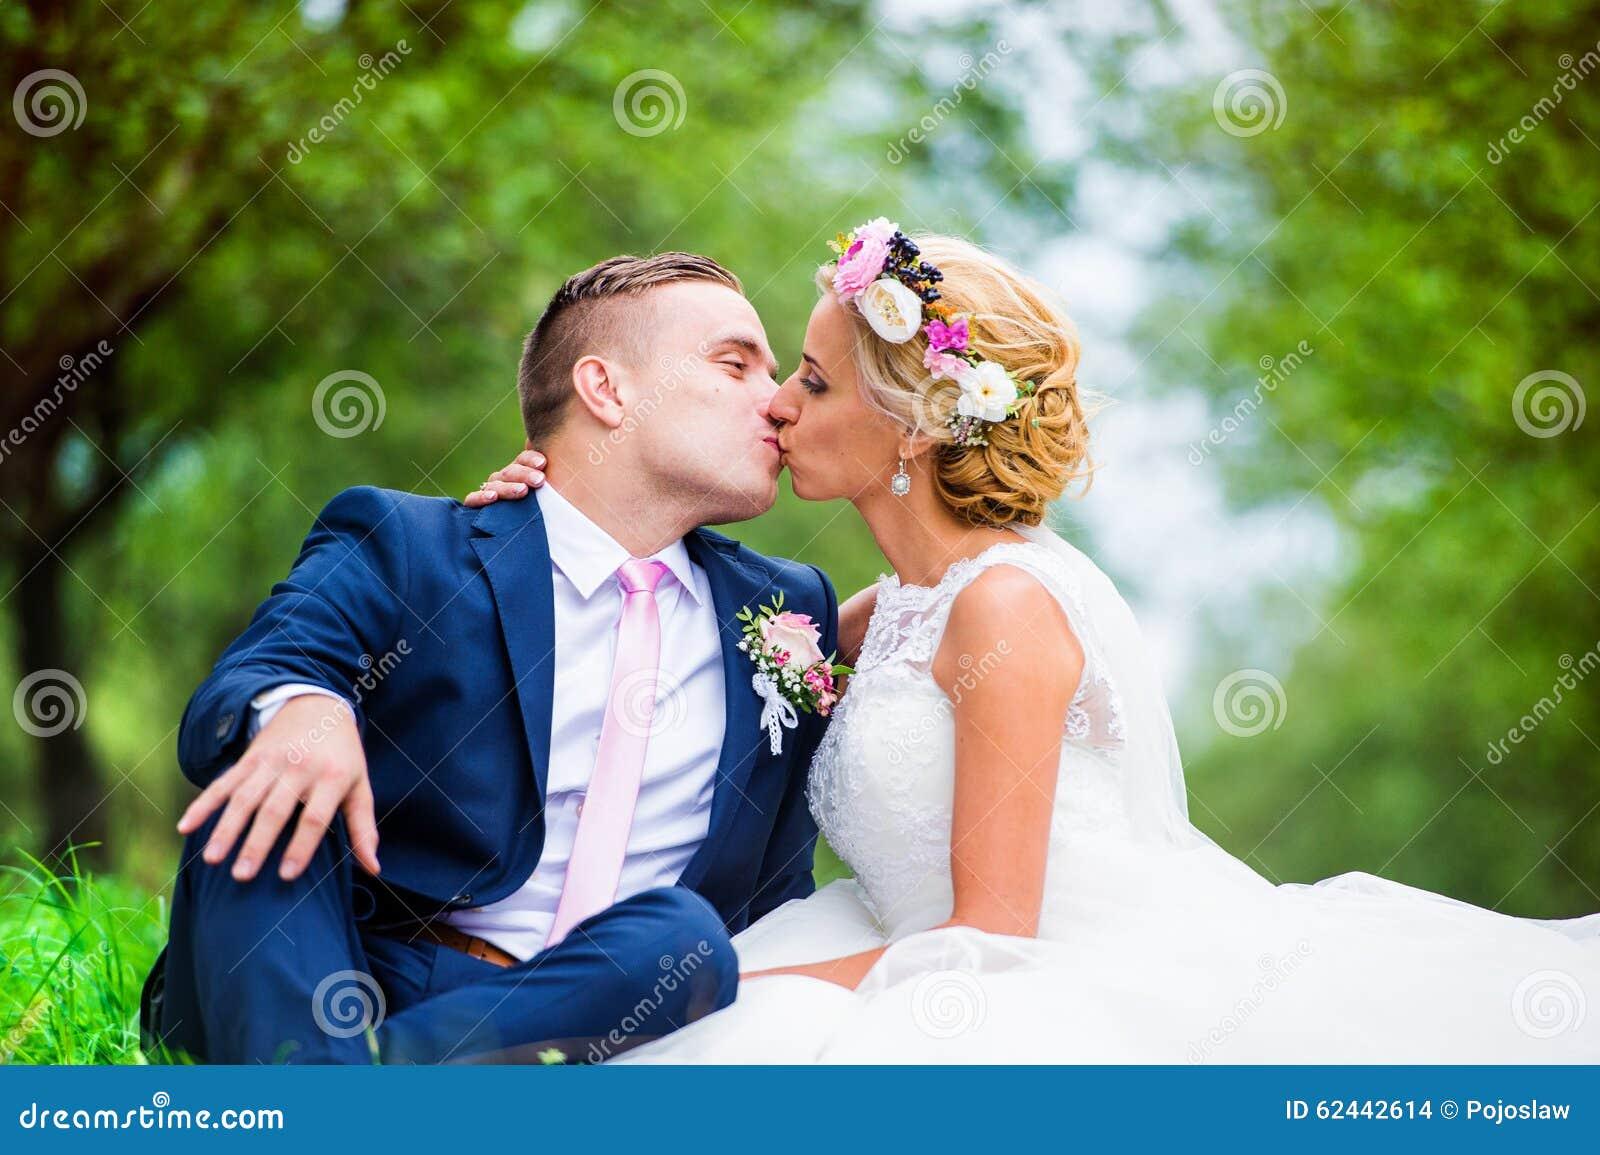 Beaux couples de mariage photo stock image 62442614 - Photo de mariage couple ...